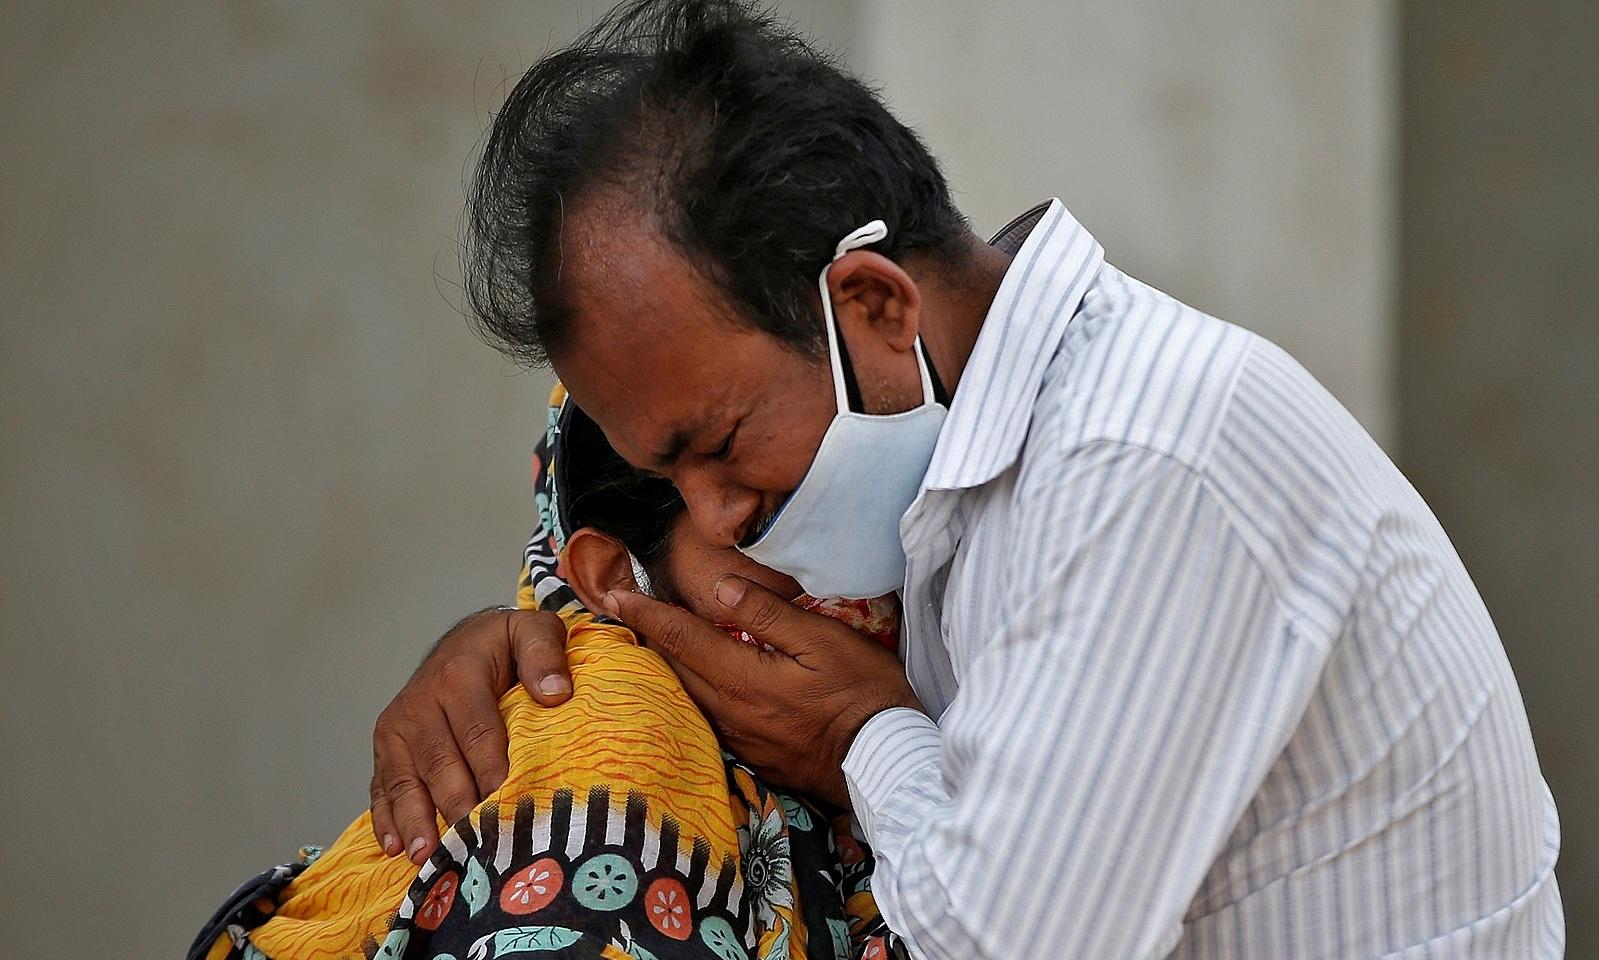 Một gia đình Ấn Độ khóc trong tuyệt vọng trước cửa bệnh viện bang Ahmedabad ngày 26/4 sau khi người thân qua đời vì Covid-19. Ảnh: Reuters.